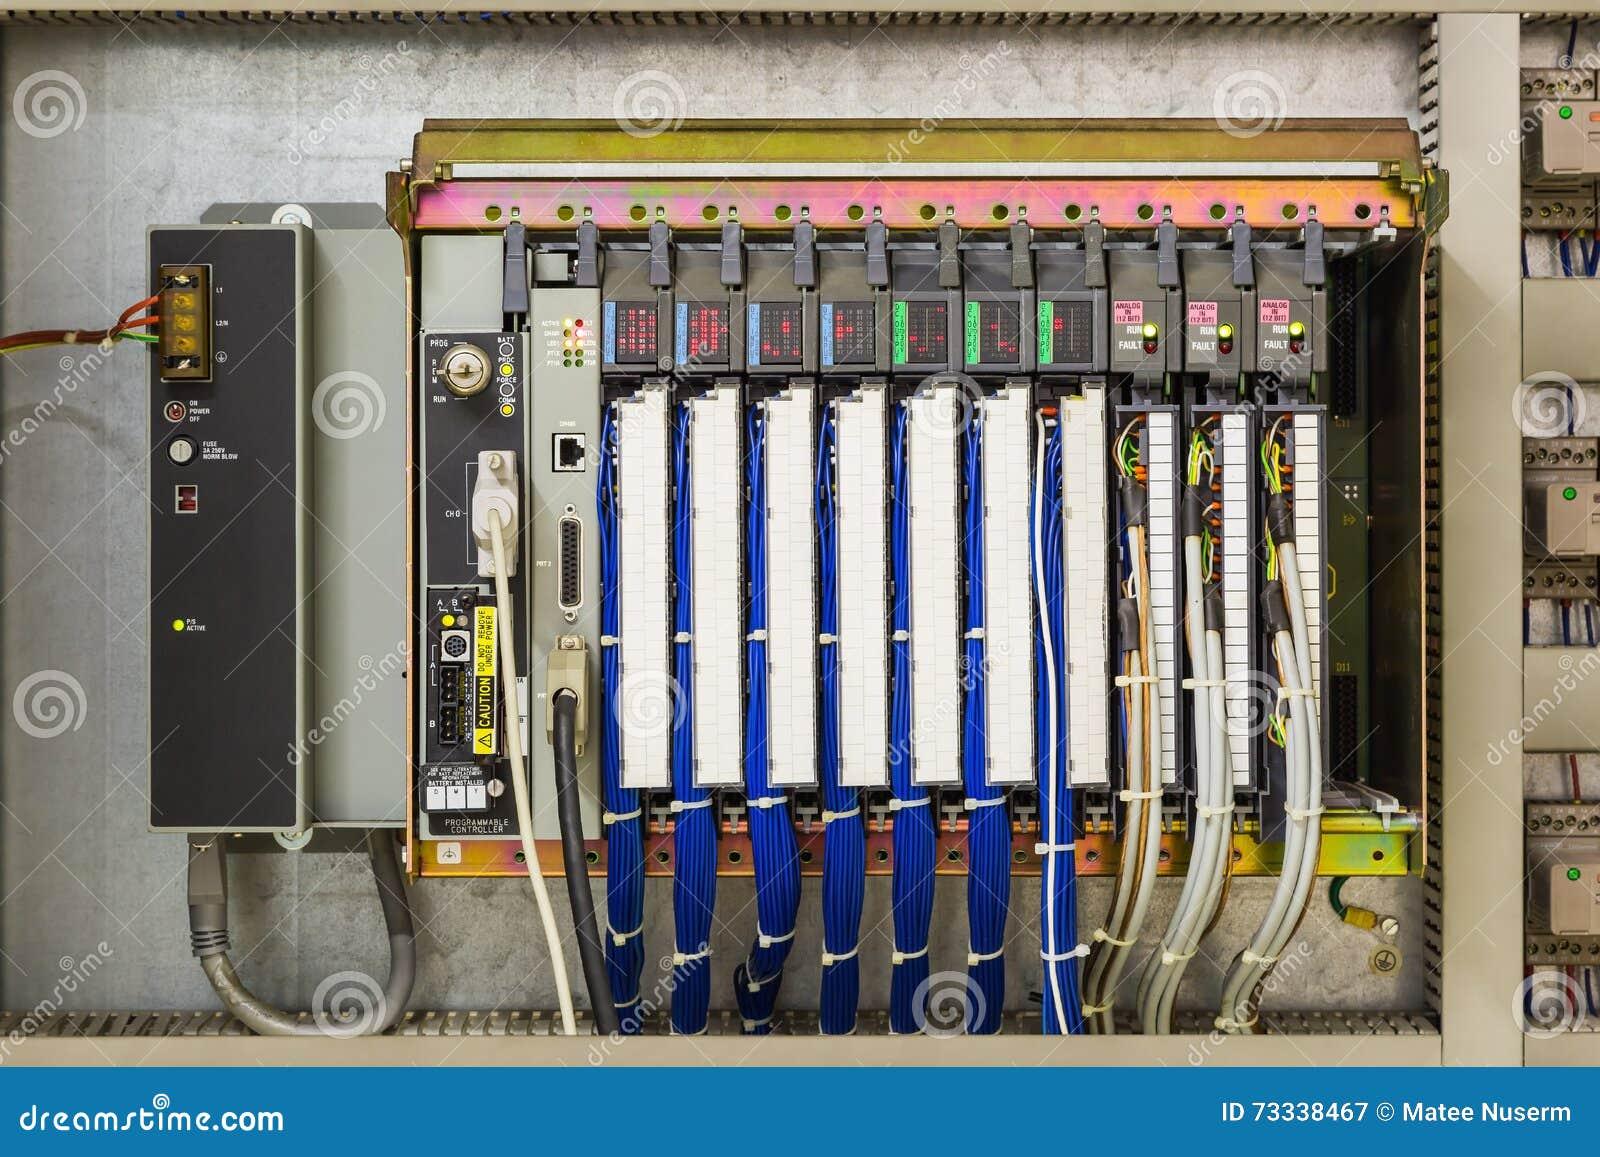 Scott electronics plcs essay